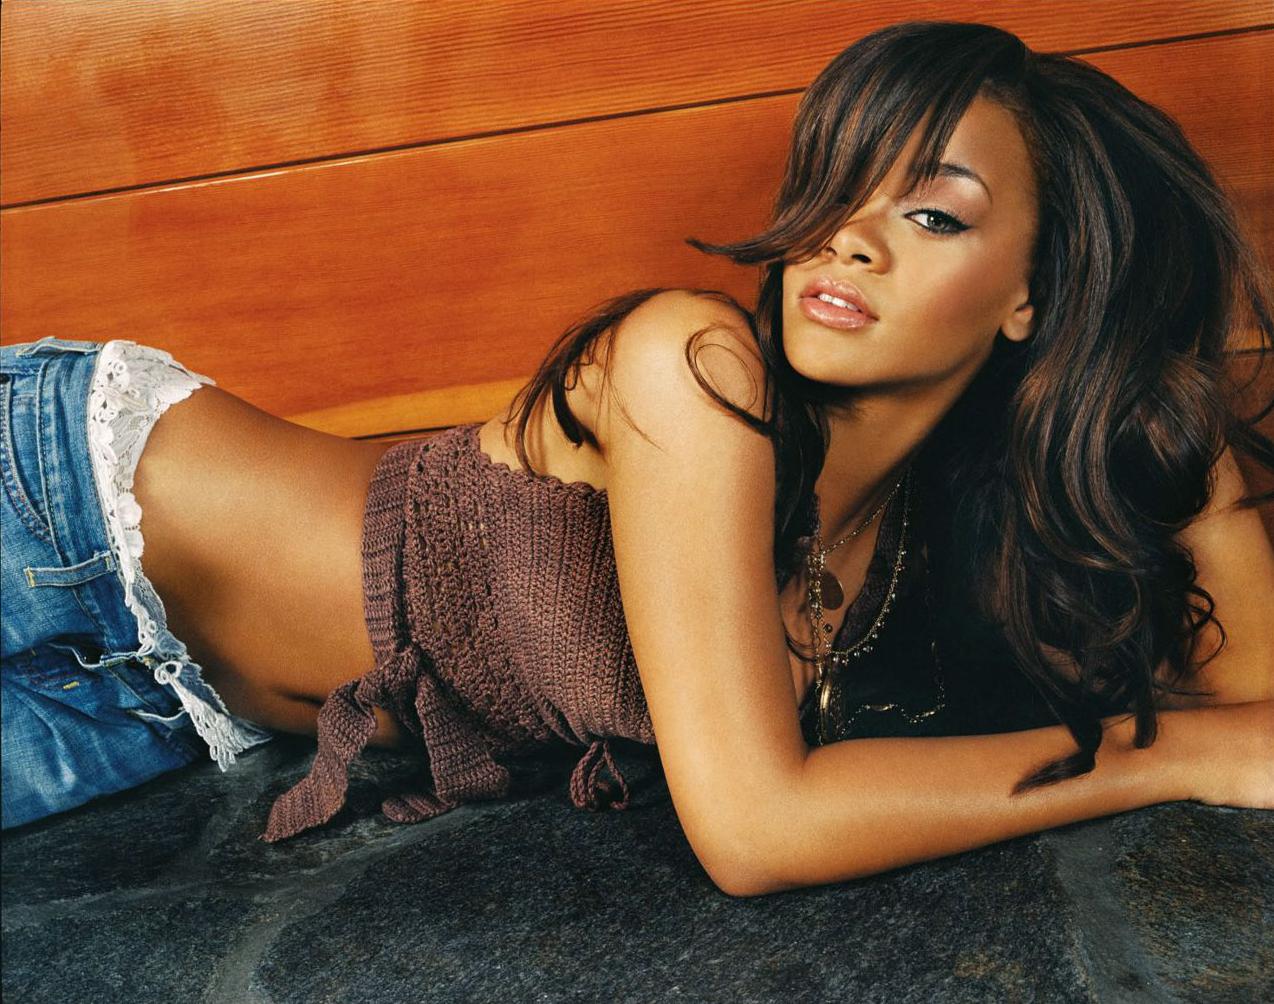 http://3.bp.blogspot.com/-XjRP8zIQkKs/UQkfVUkG5cI/AAAAAAAABPc/SLvQlmAk5Kg/s1600/Rihanna+Latest+wallpapers+2013+11.jpg